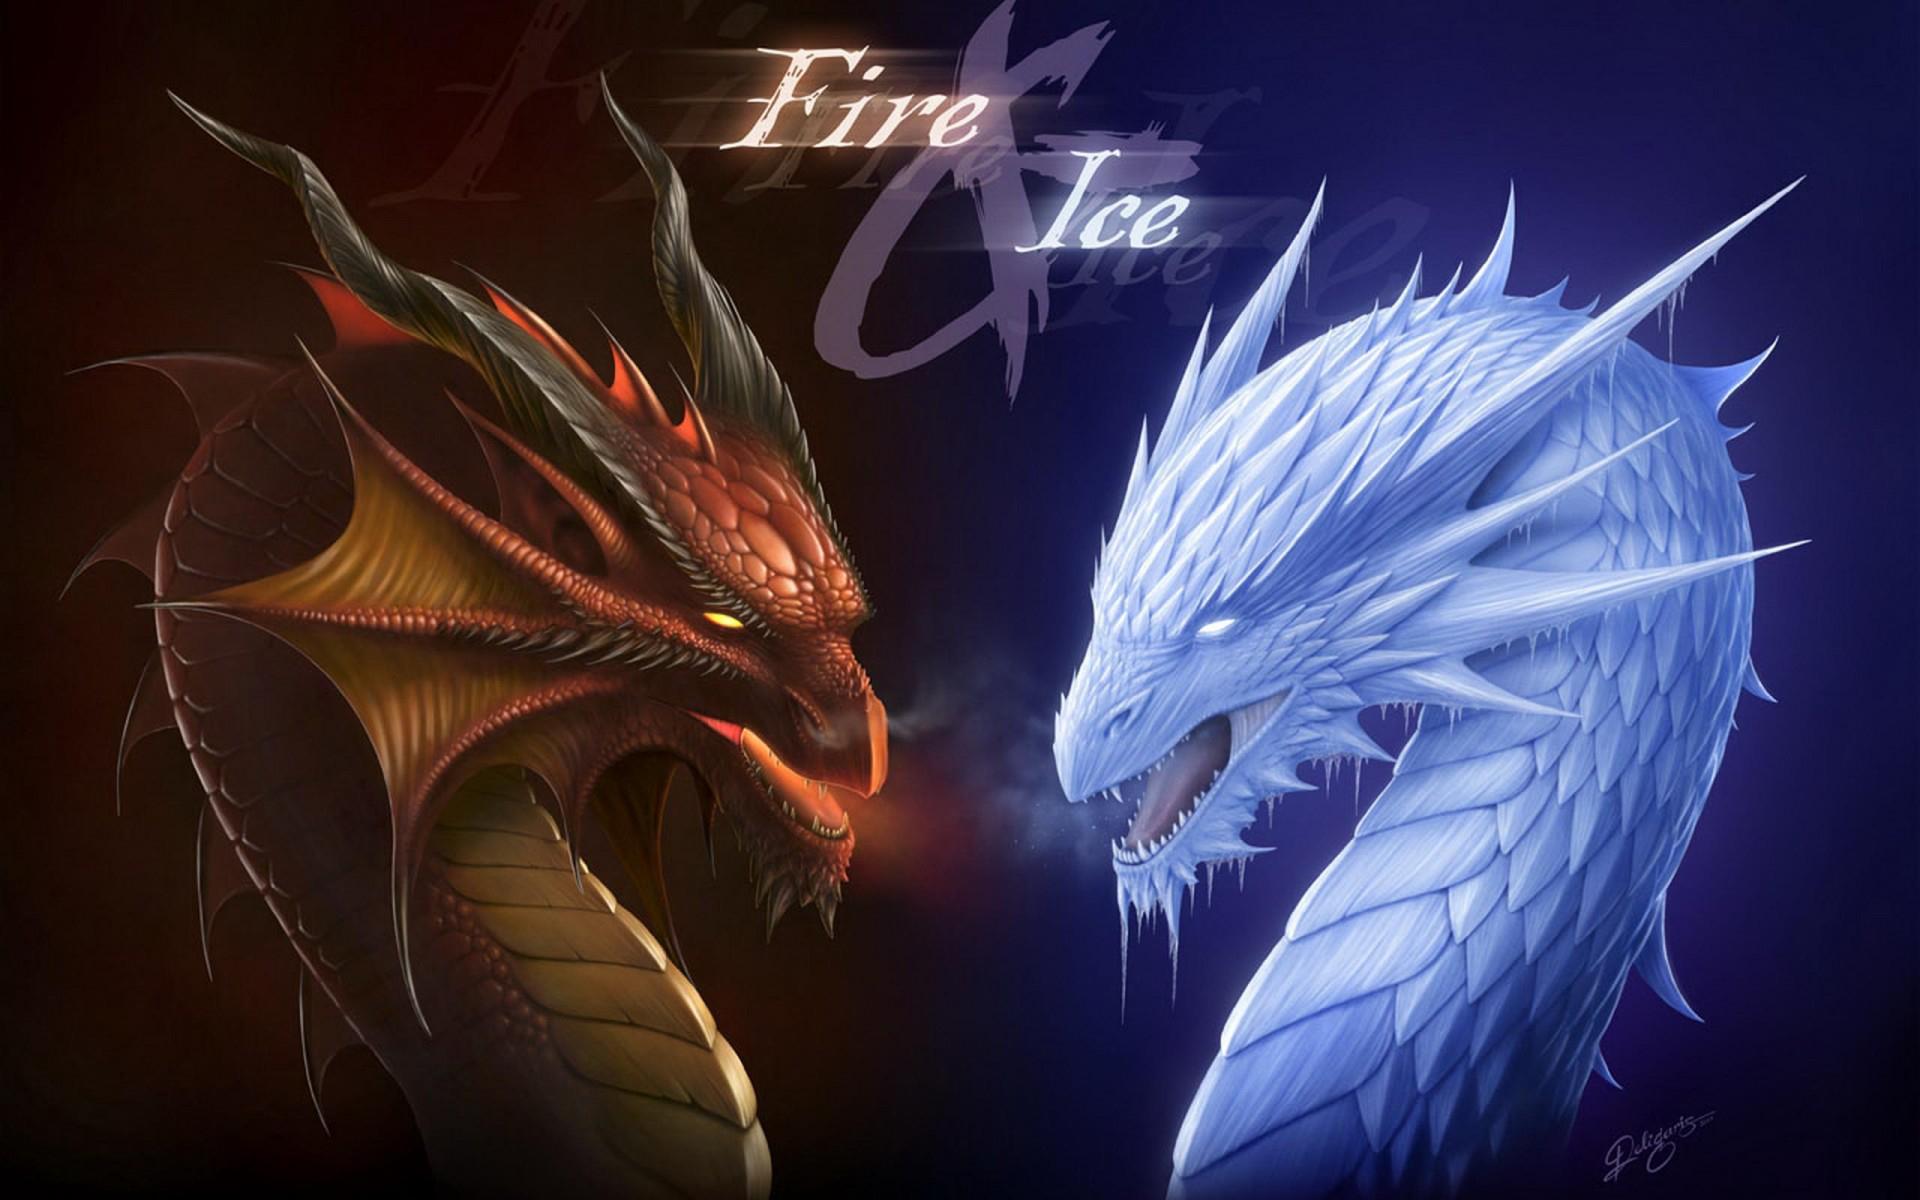 Dragons Fire Blue Ice Dragon 1920x1200 Wallpaper Teahub Io